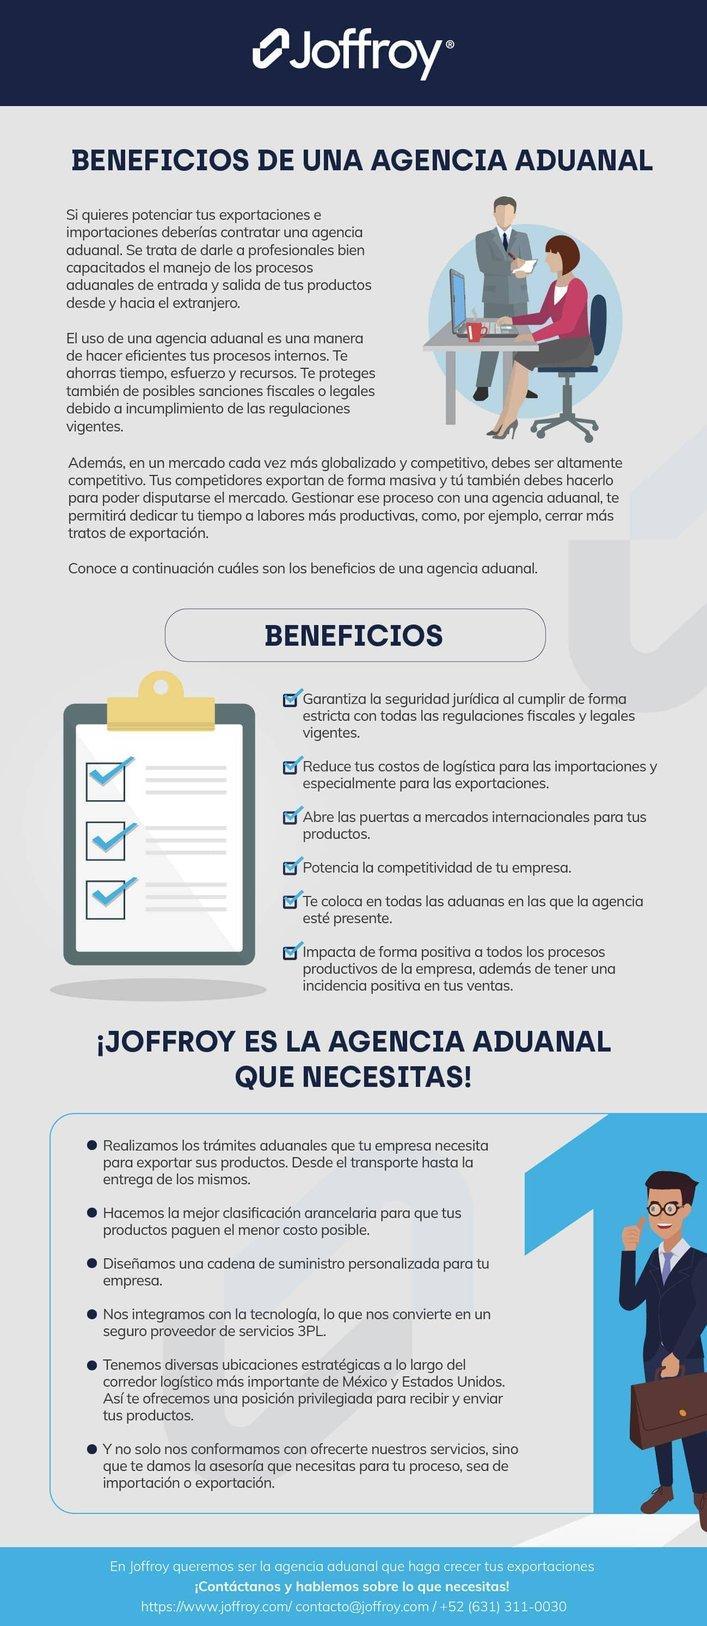 Beneficios-de-una-agencia-aduanal